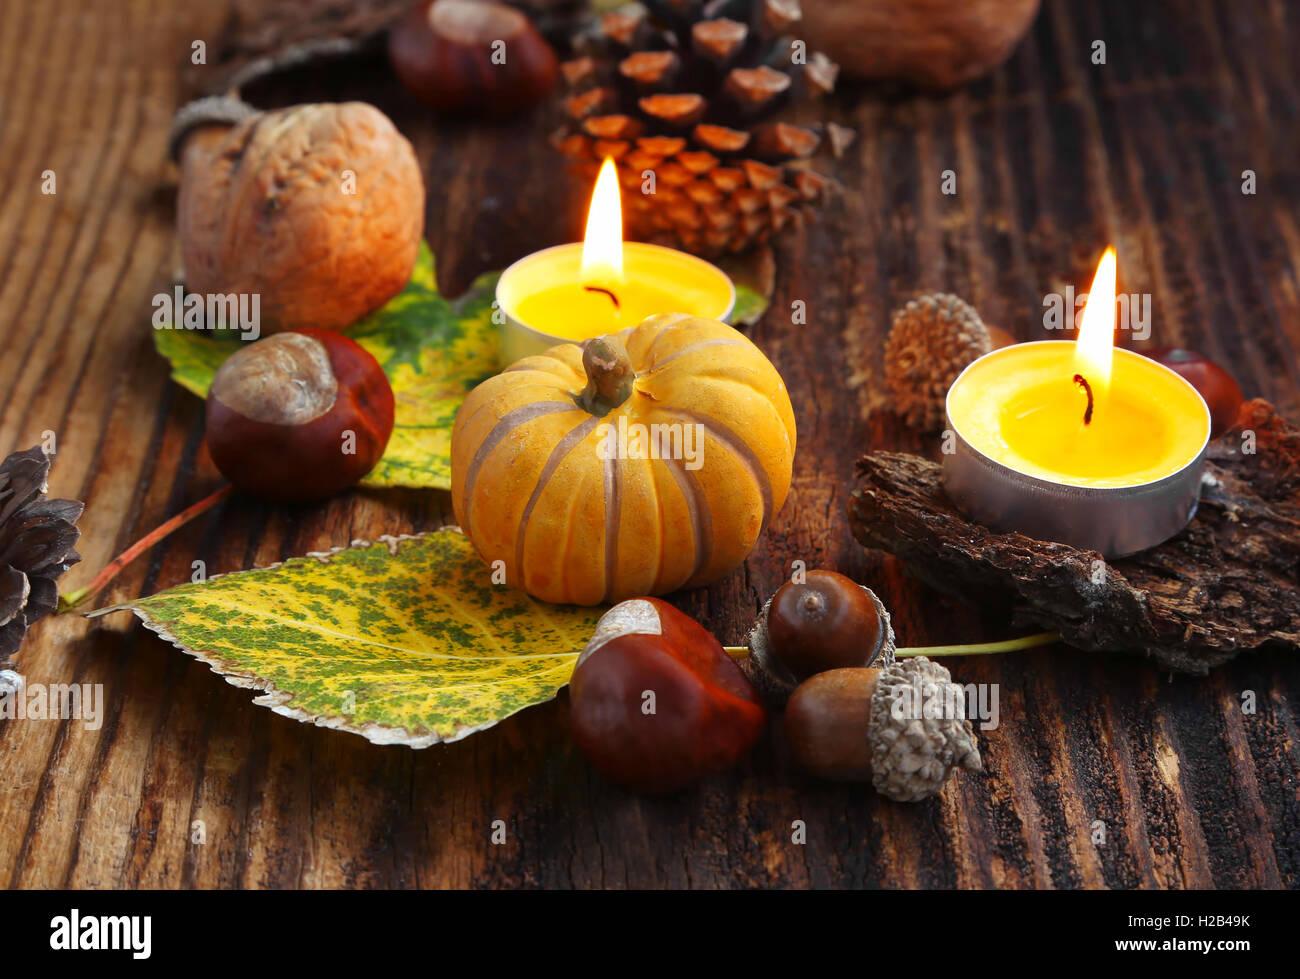 d corations d 39 automne avec des citrouilles des bougies allum es les ch taignes les noix les. Black Bedroom Furniture Sets. Home Design Ideas